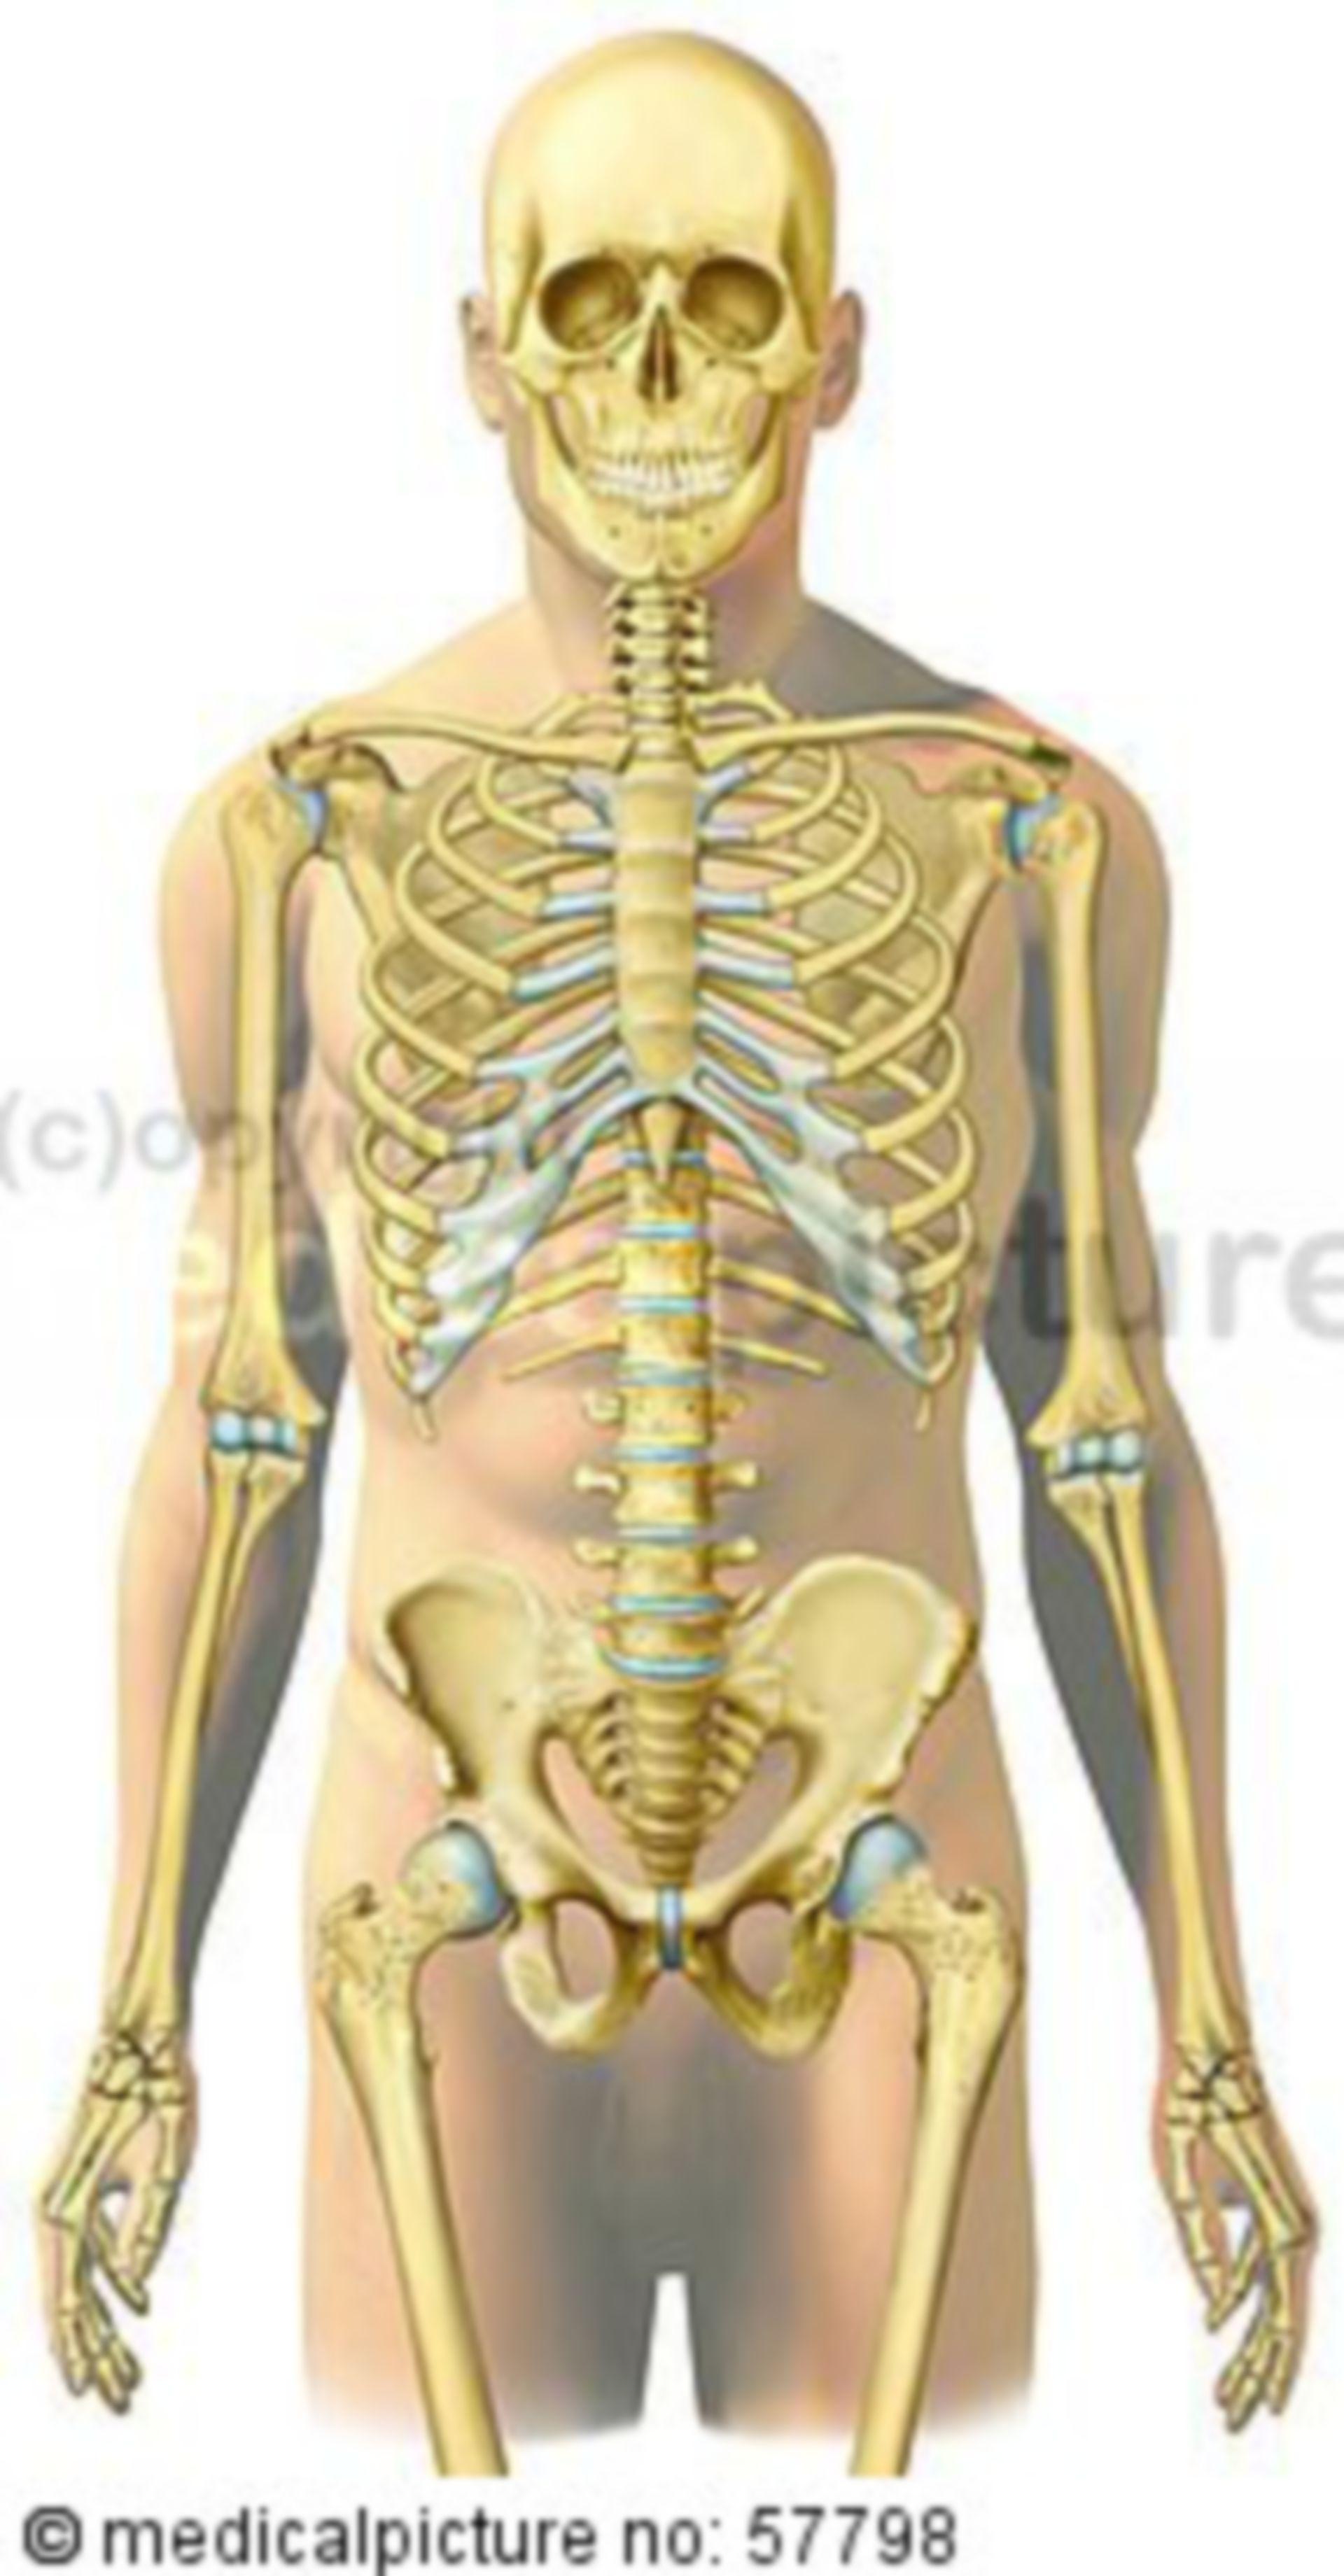 Illustrazioni scheletriche - scheletro